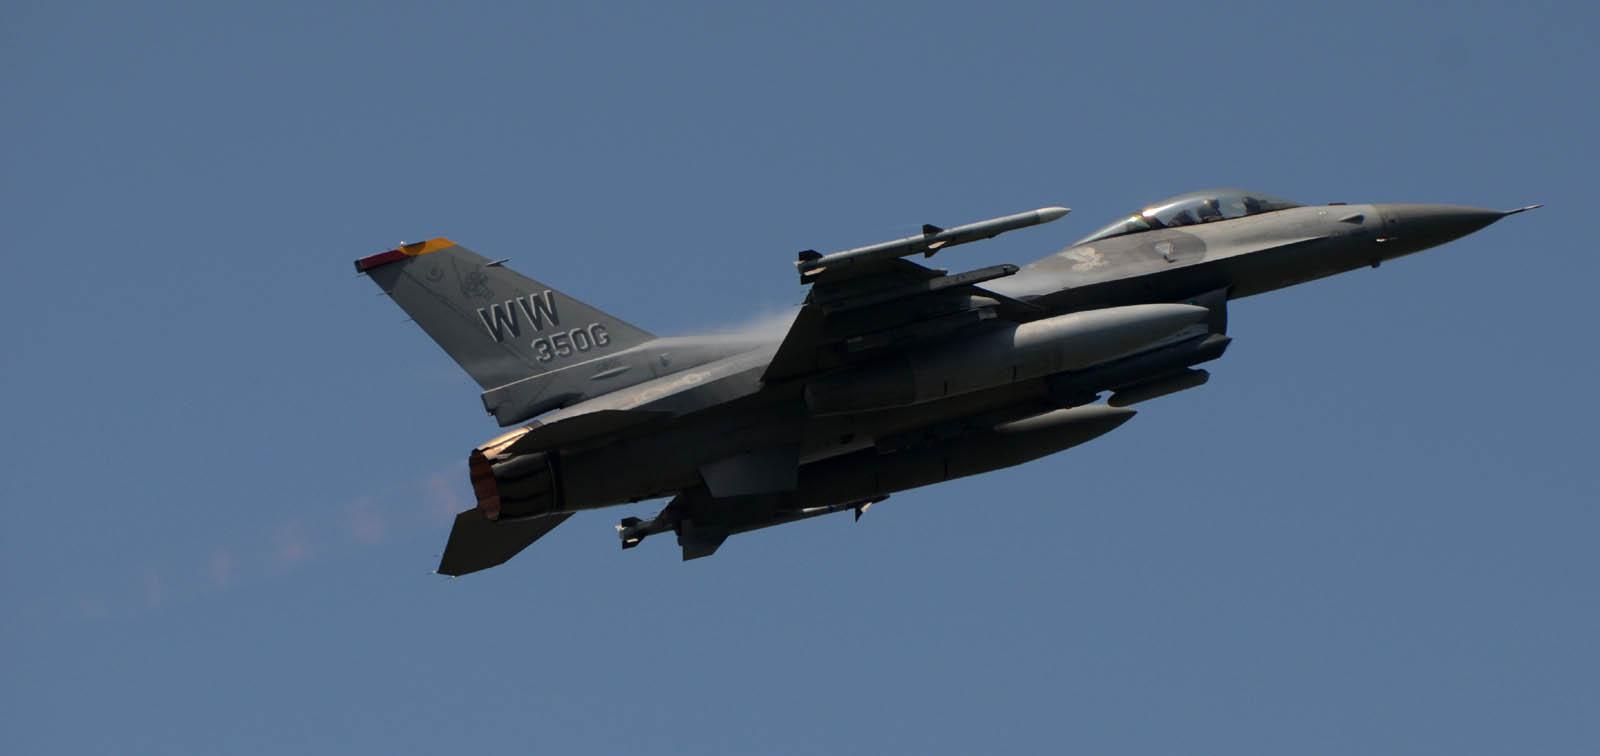 F16cj130718g367